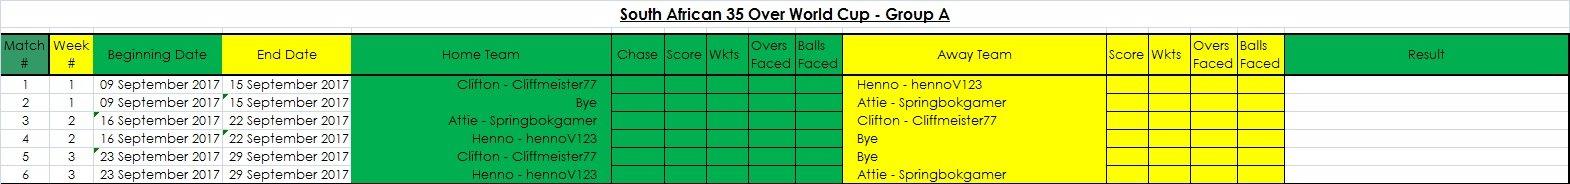 Fixtures Group A.jpg